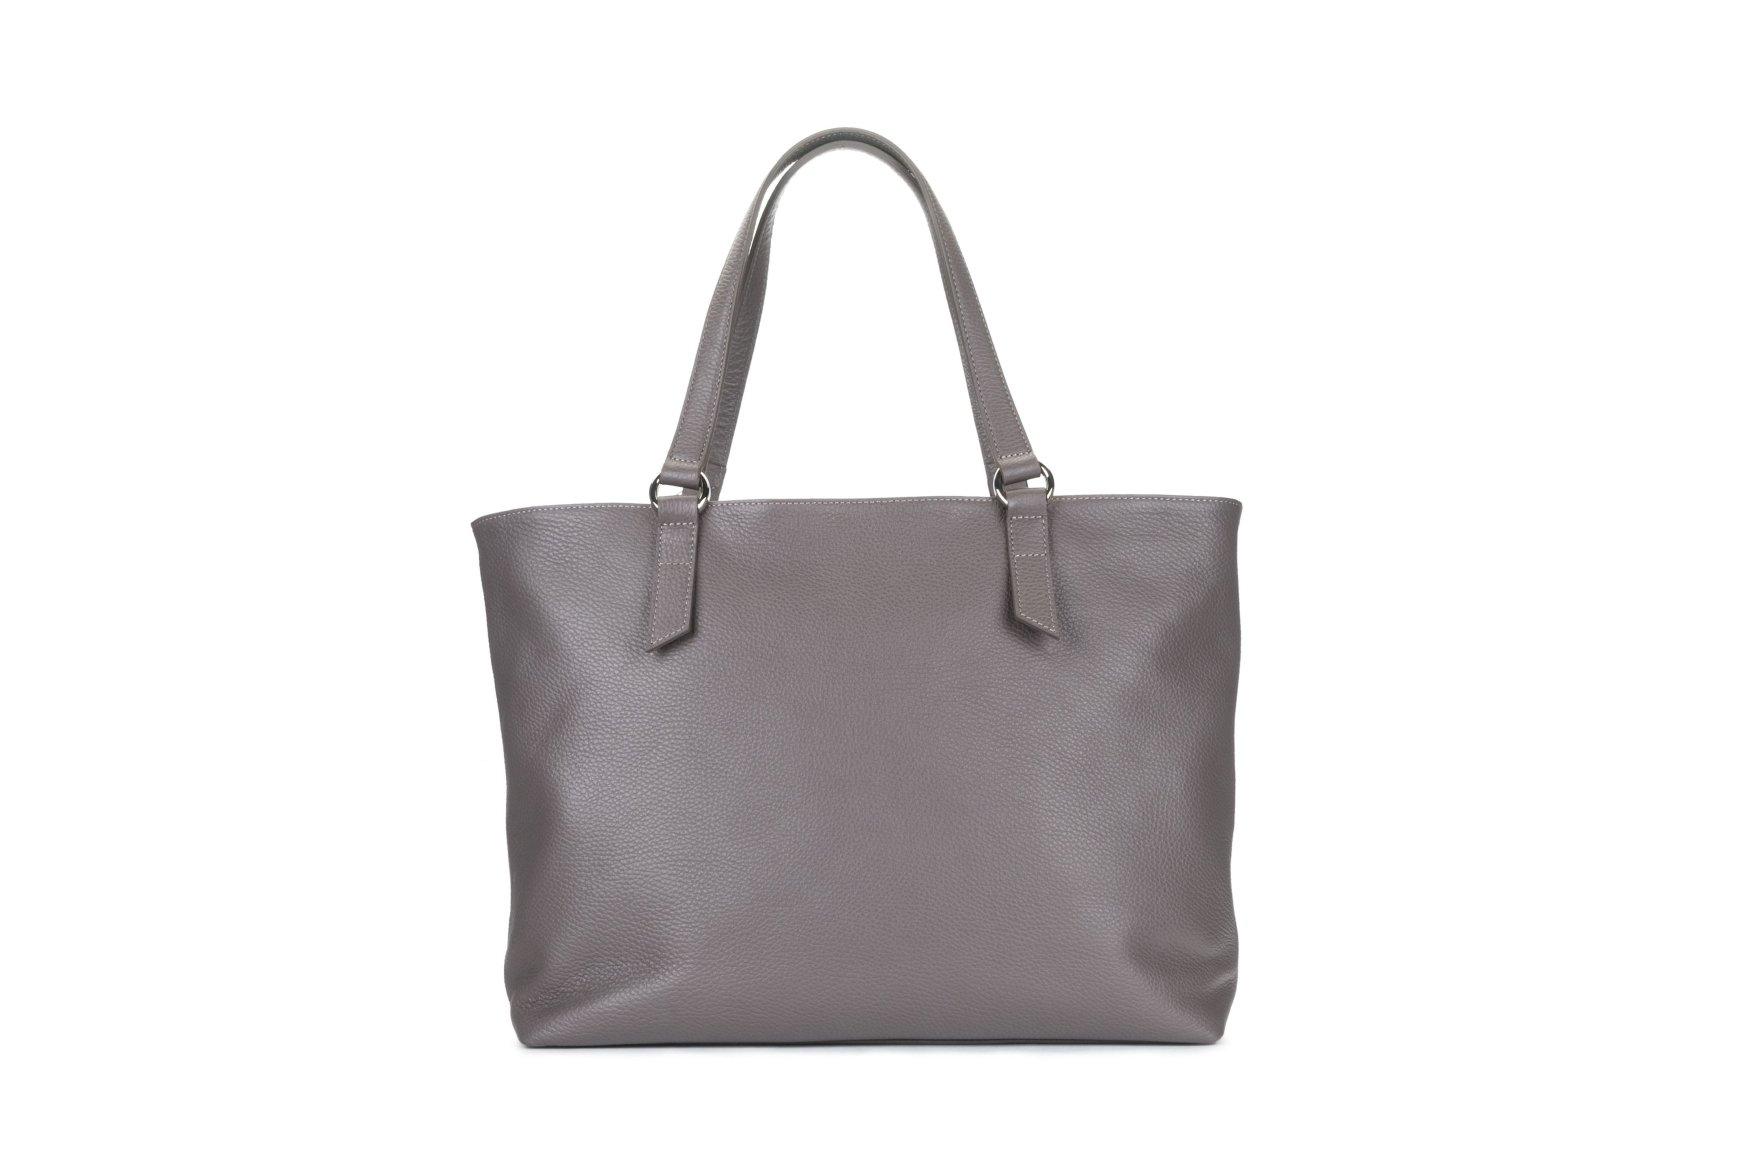 d7d017a68d4d Кожаная сумка-шоппер - Estro